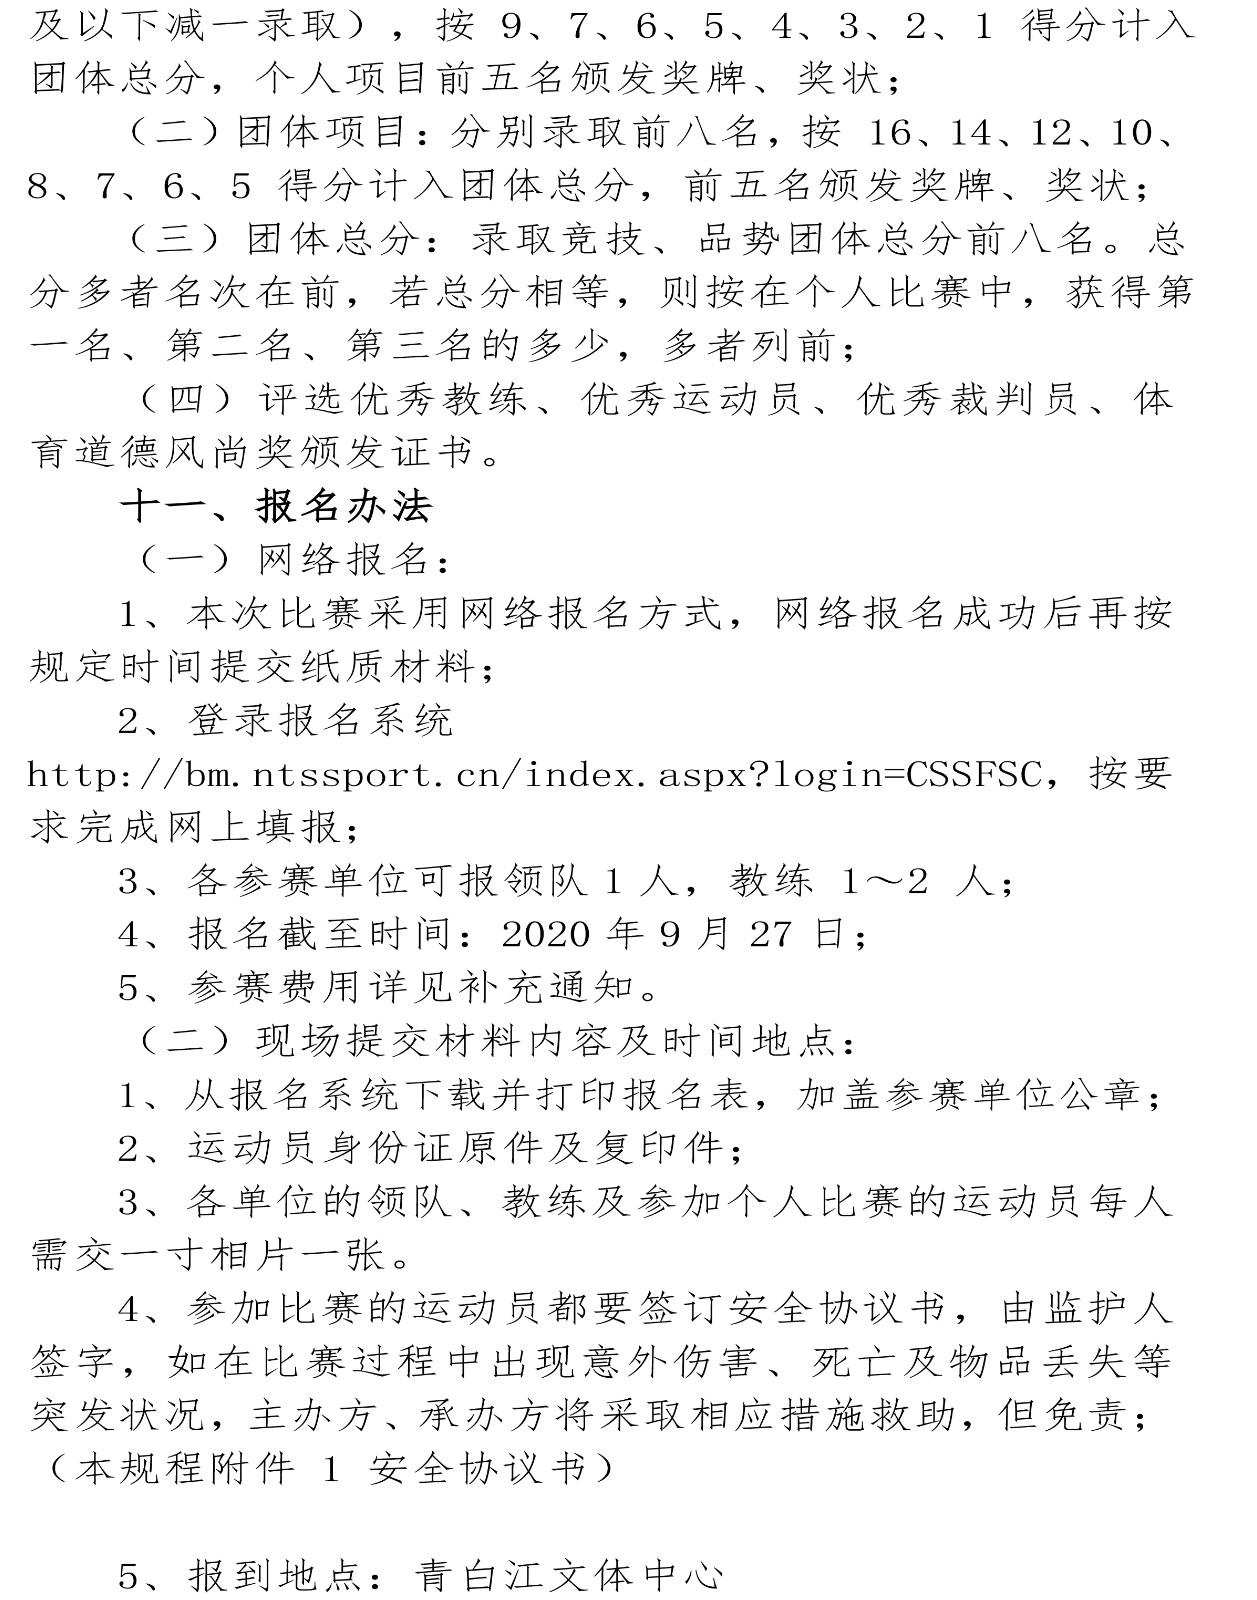 2020 年全国体育学校联合会青少儿跆拳道巡回赛四川站竞赛规程-10